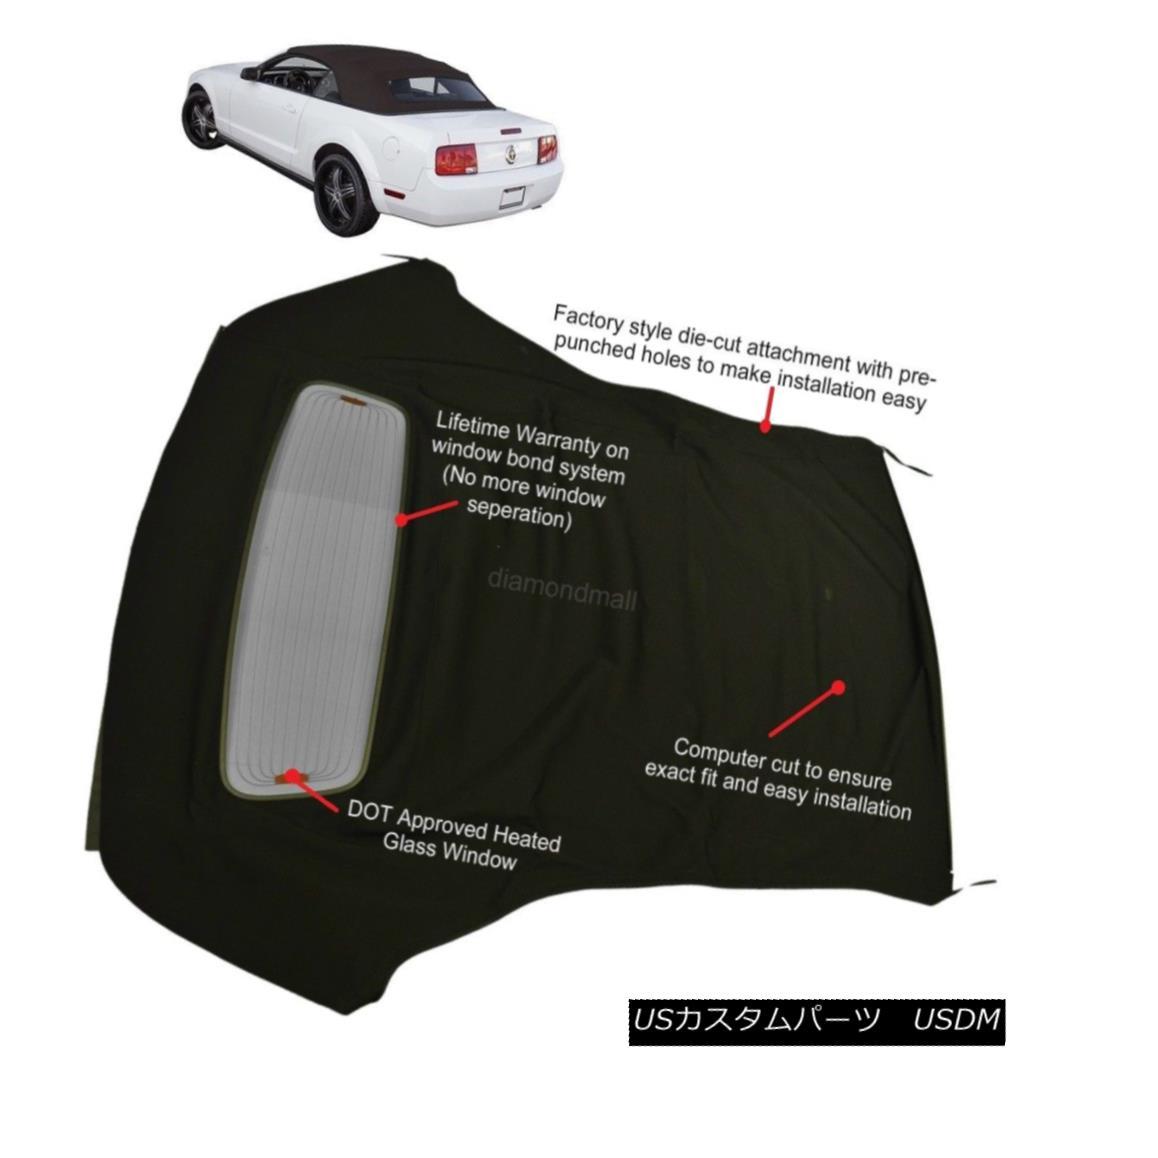 幌・ソフトトップ Ford Mustang 05-13 Convertible Soft Top & Defroster glass window Black Sailcloth フォードマスタング05-13コンバーチブルソフトトップ& デフロスターガラス窓黒帆布